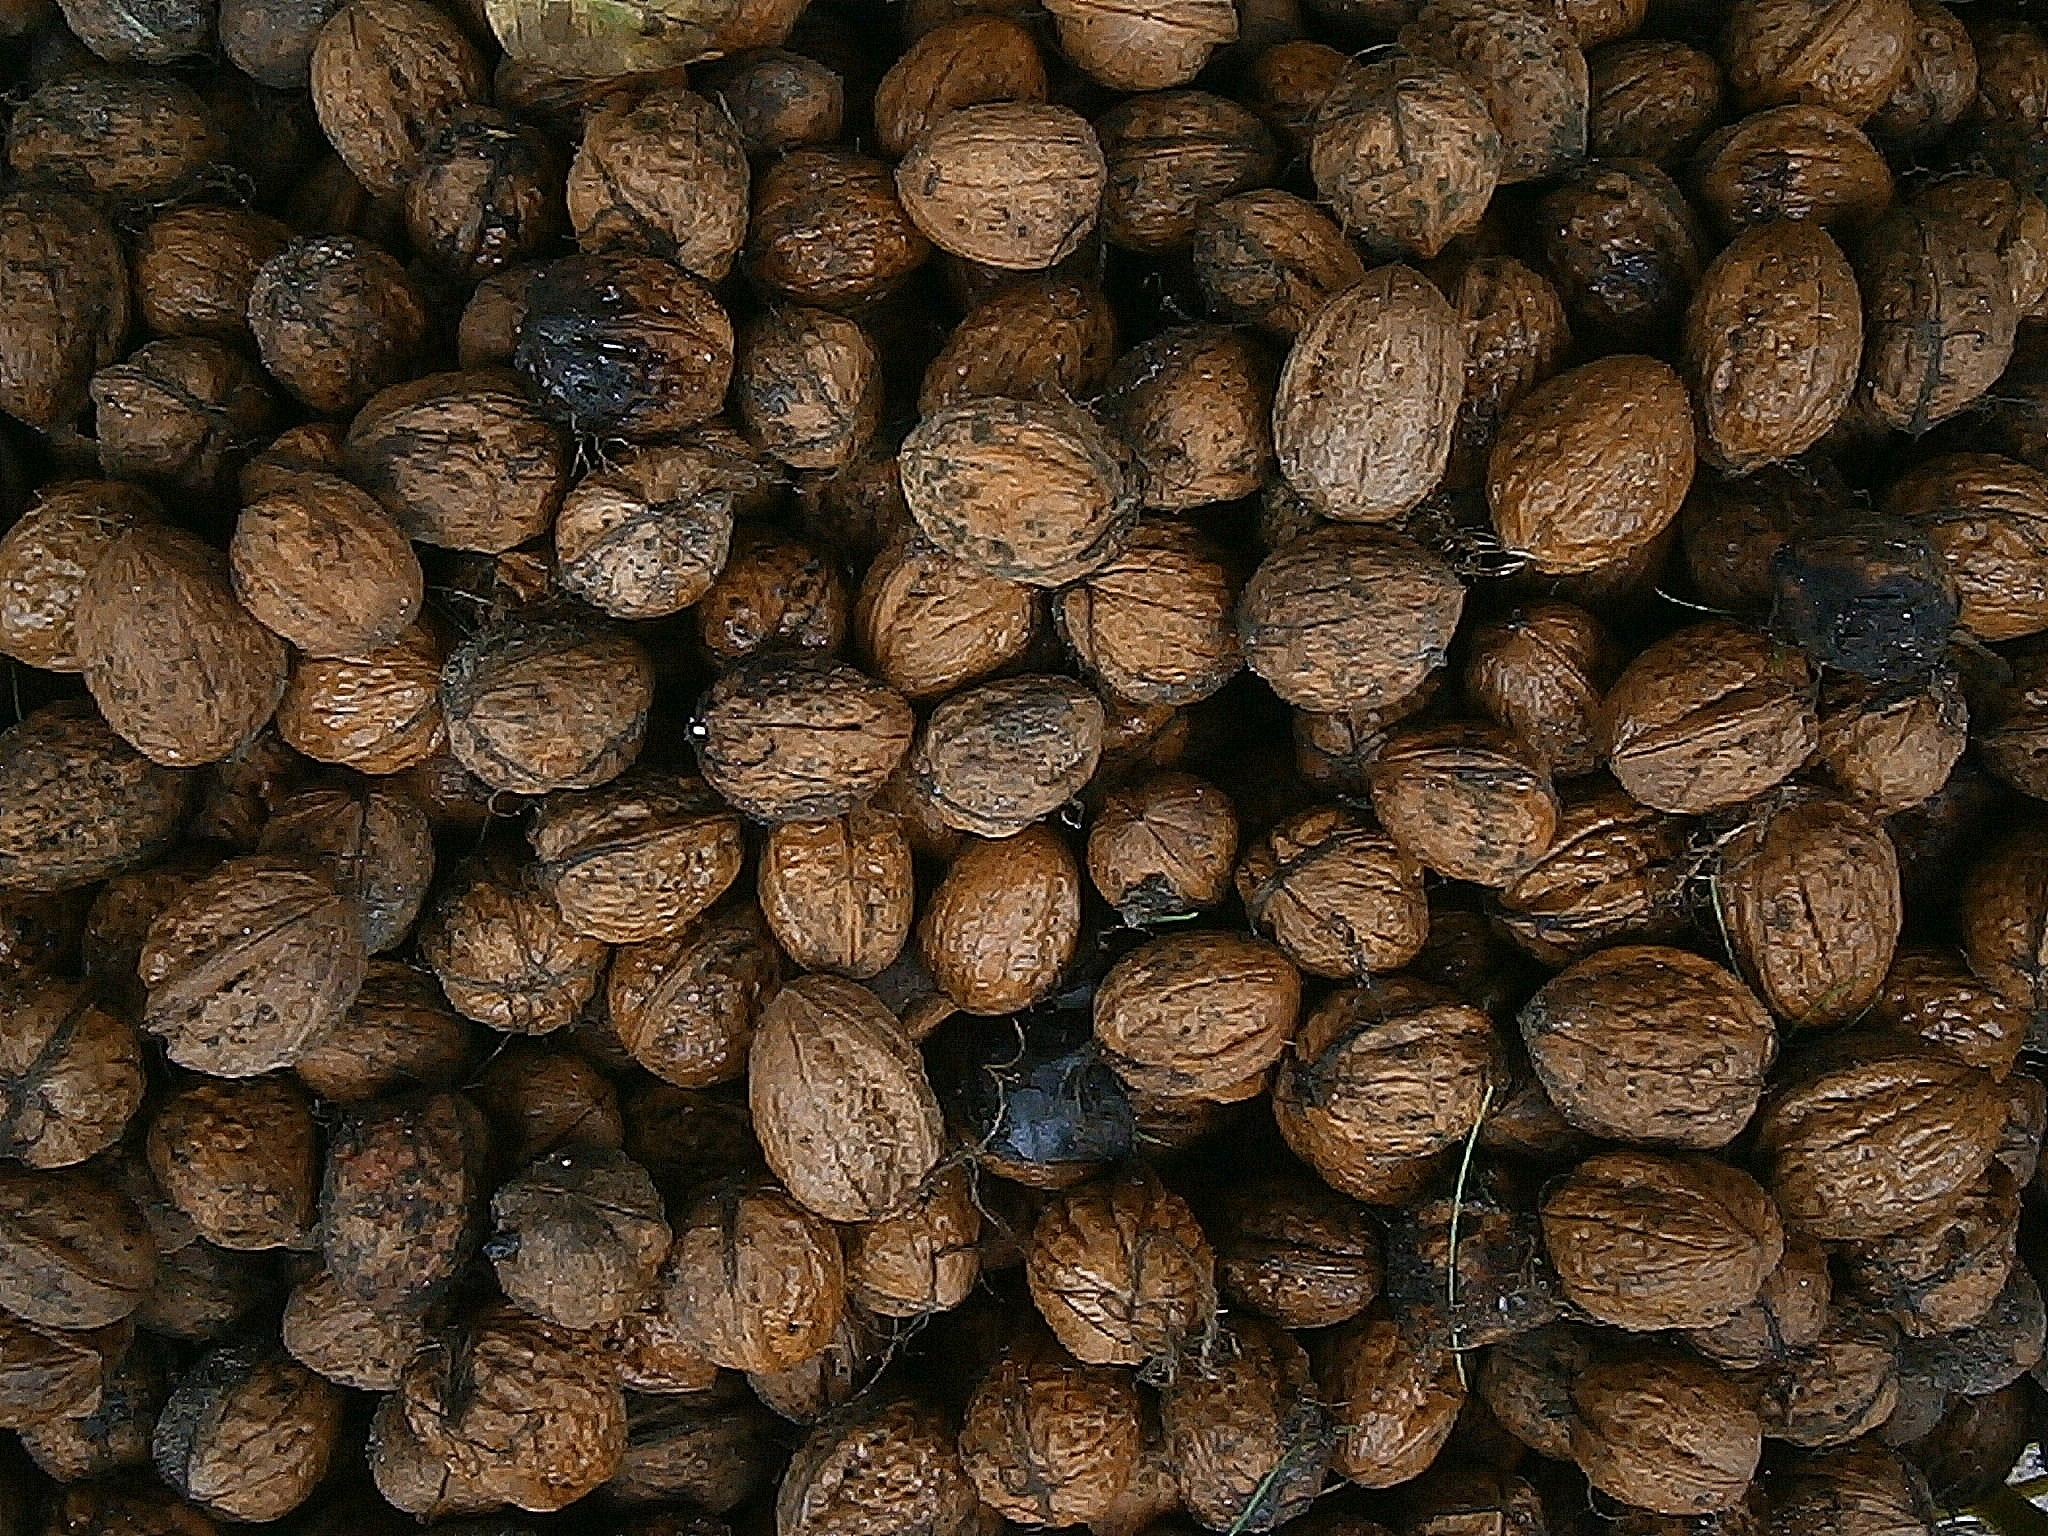 картинка ореха ели лучшие обои для